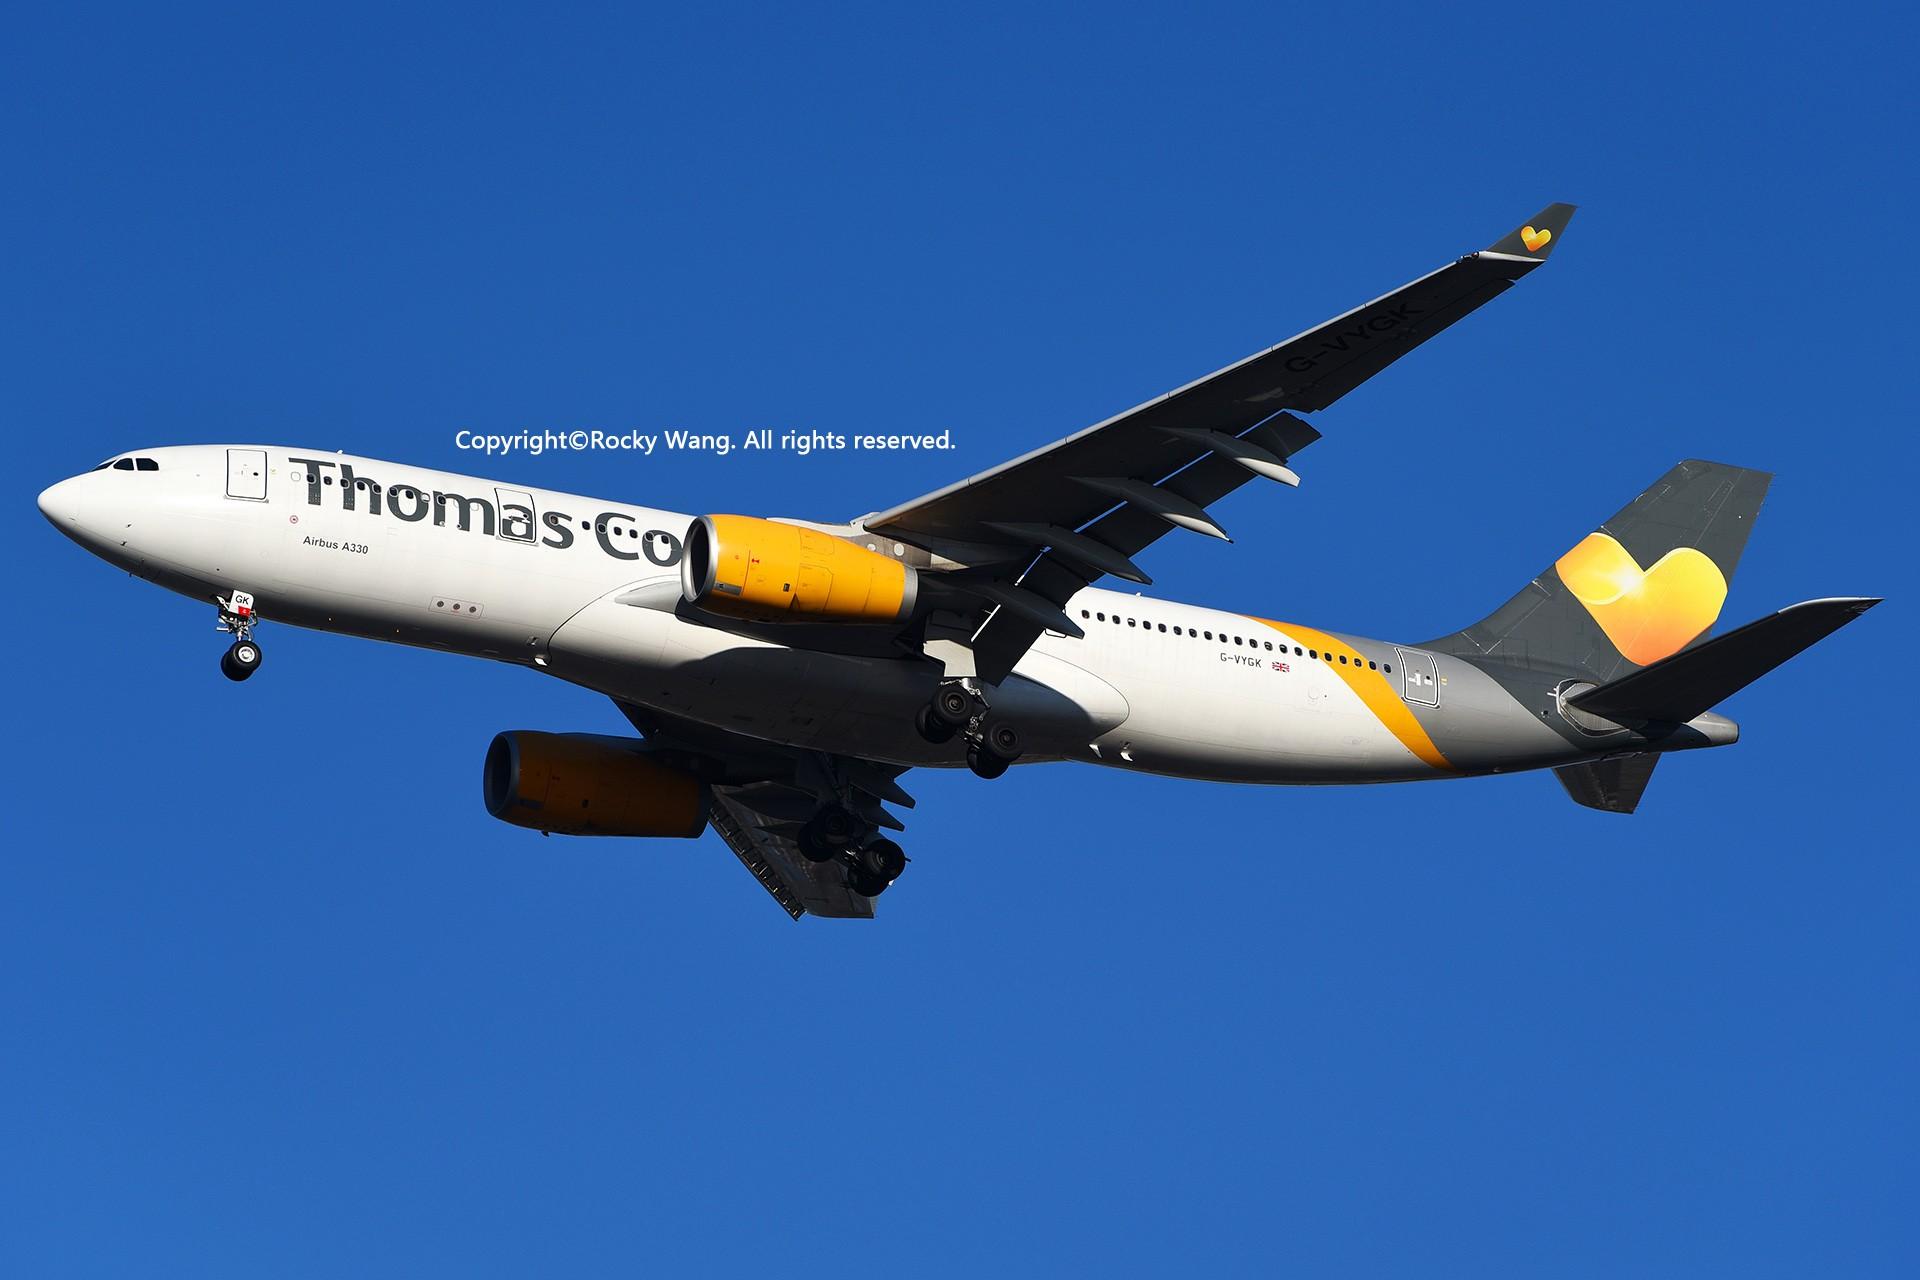 Re:[原创]KJFK 30图 AIRBUS A330-243 G-VYGK New York John F. Kennedy Int'l Airport